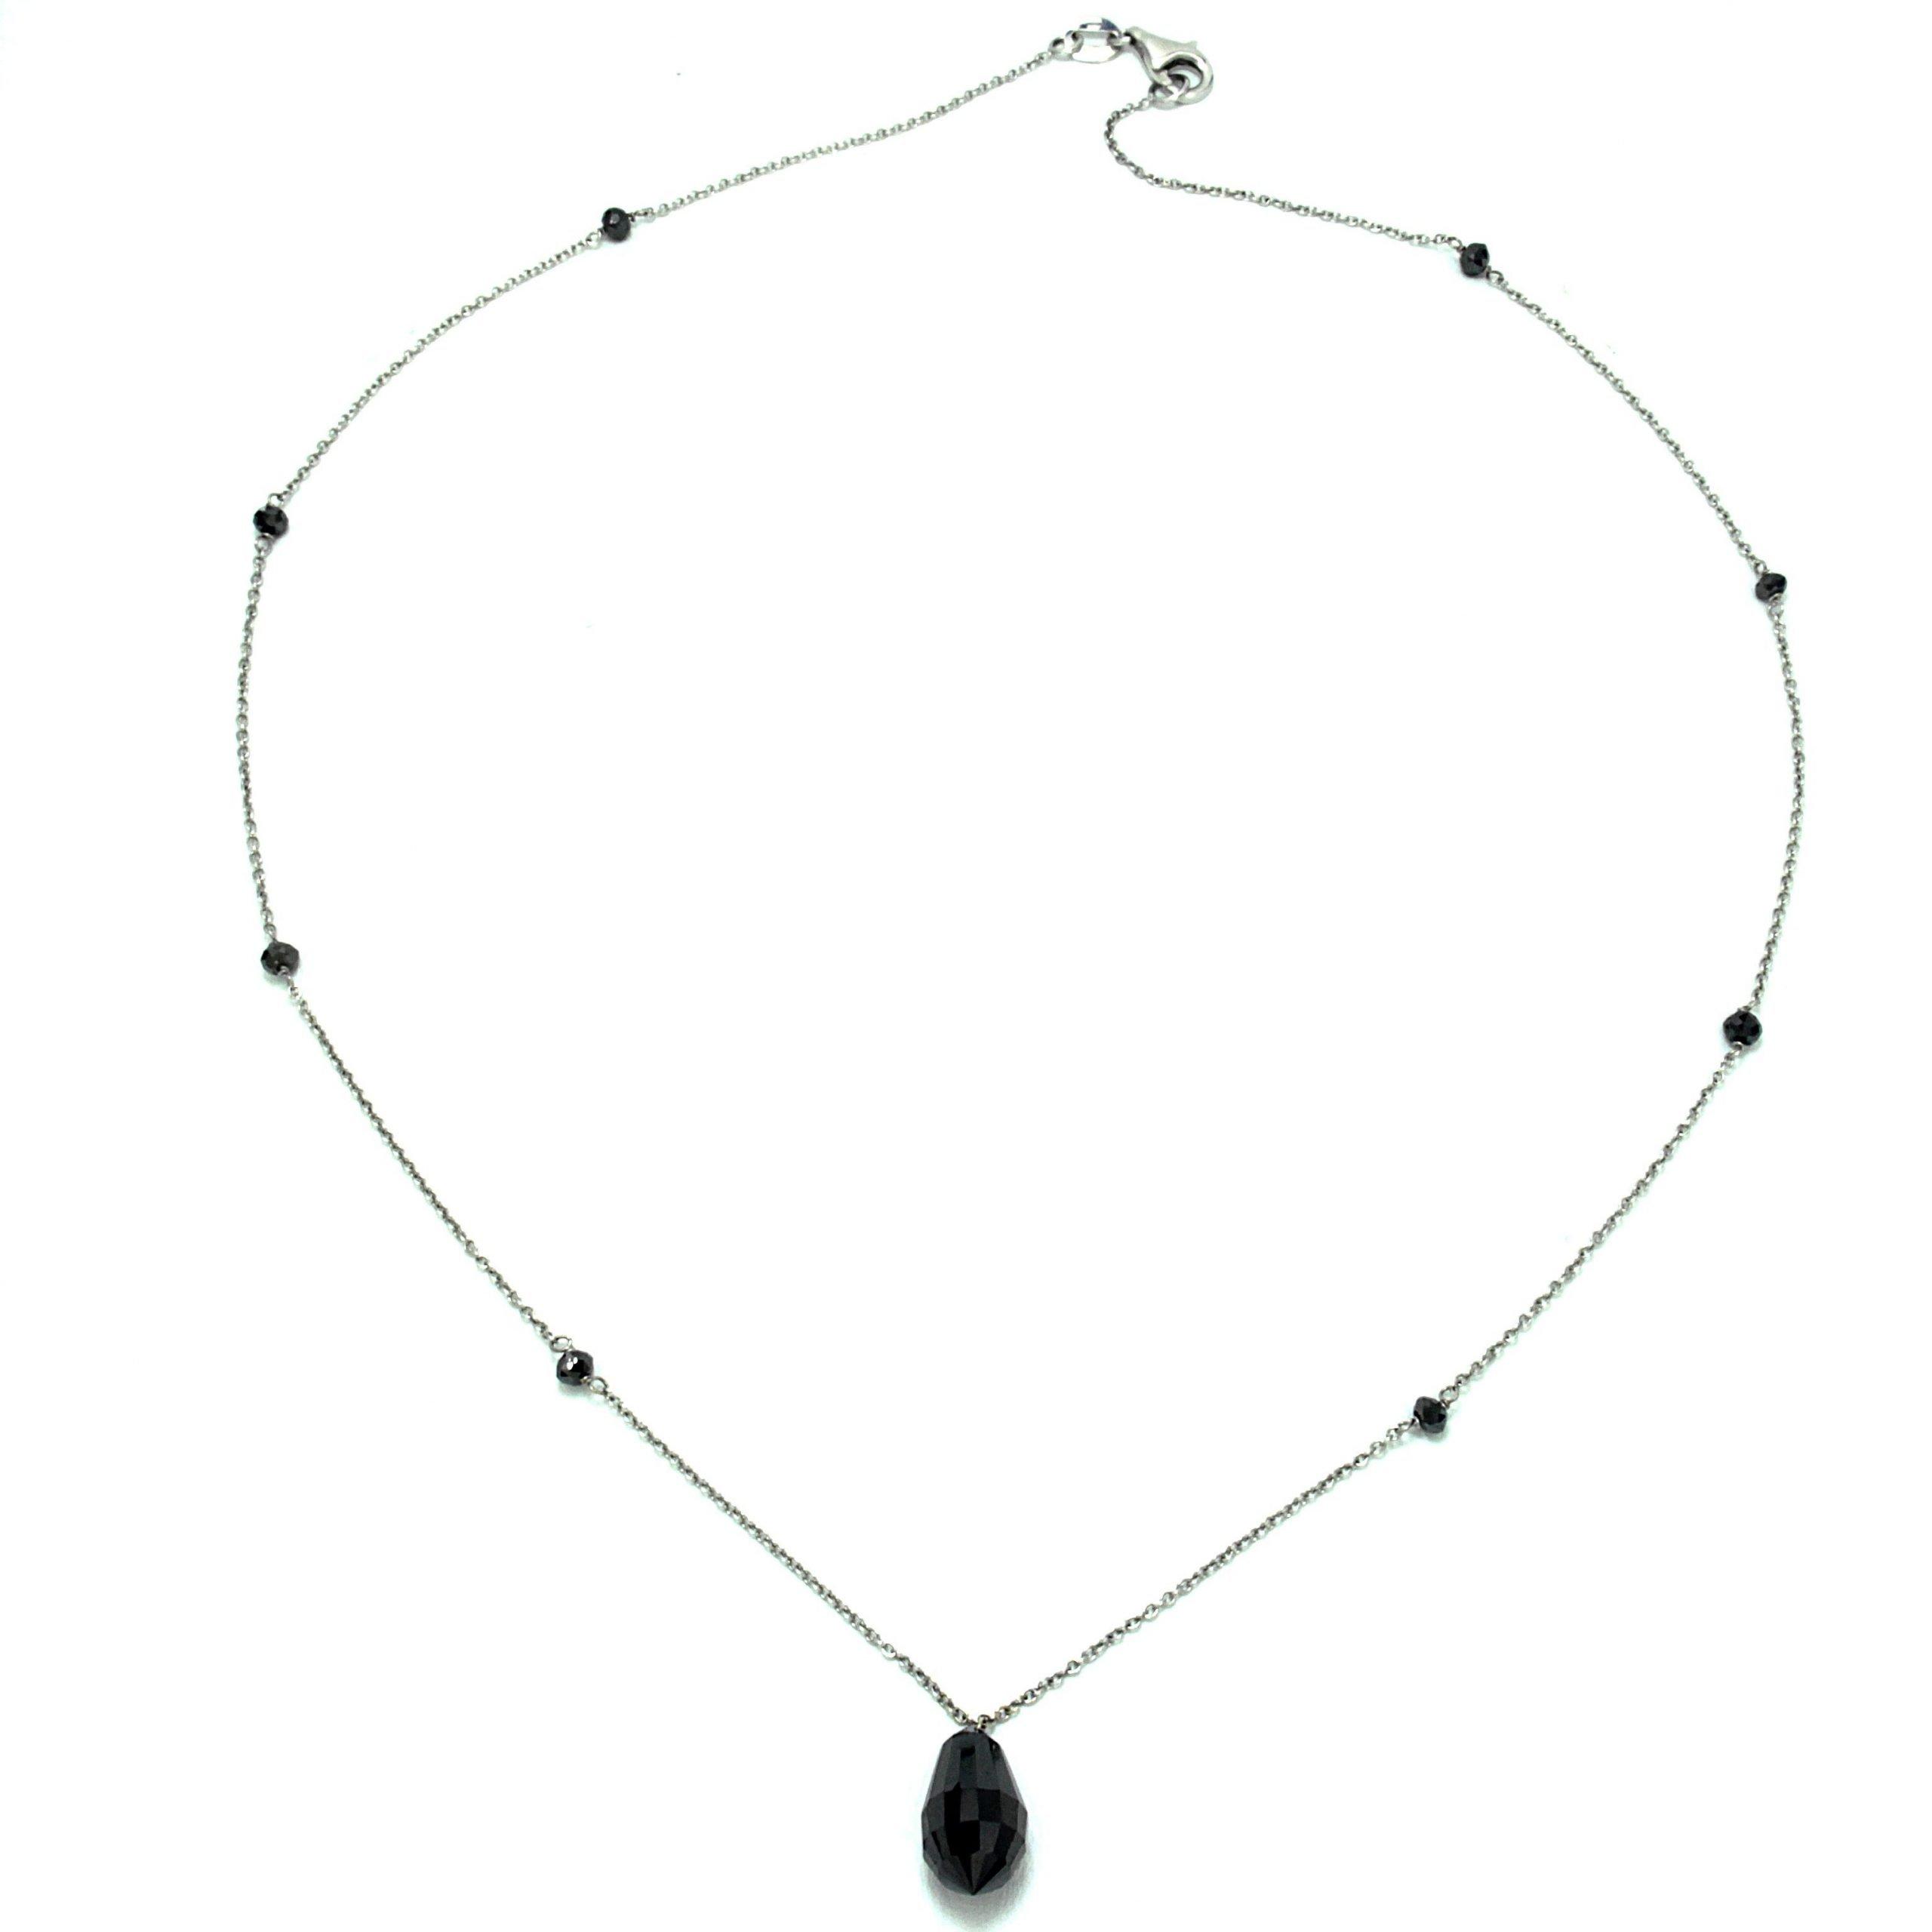 Collier con diamante nero a forma di goccia